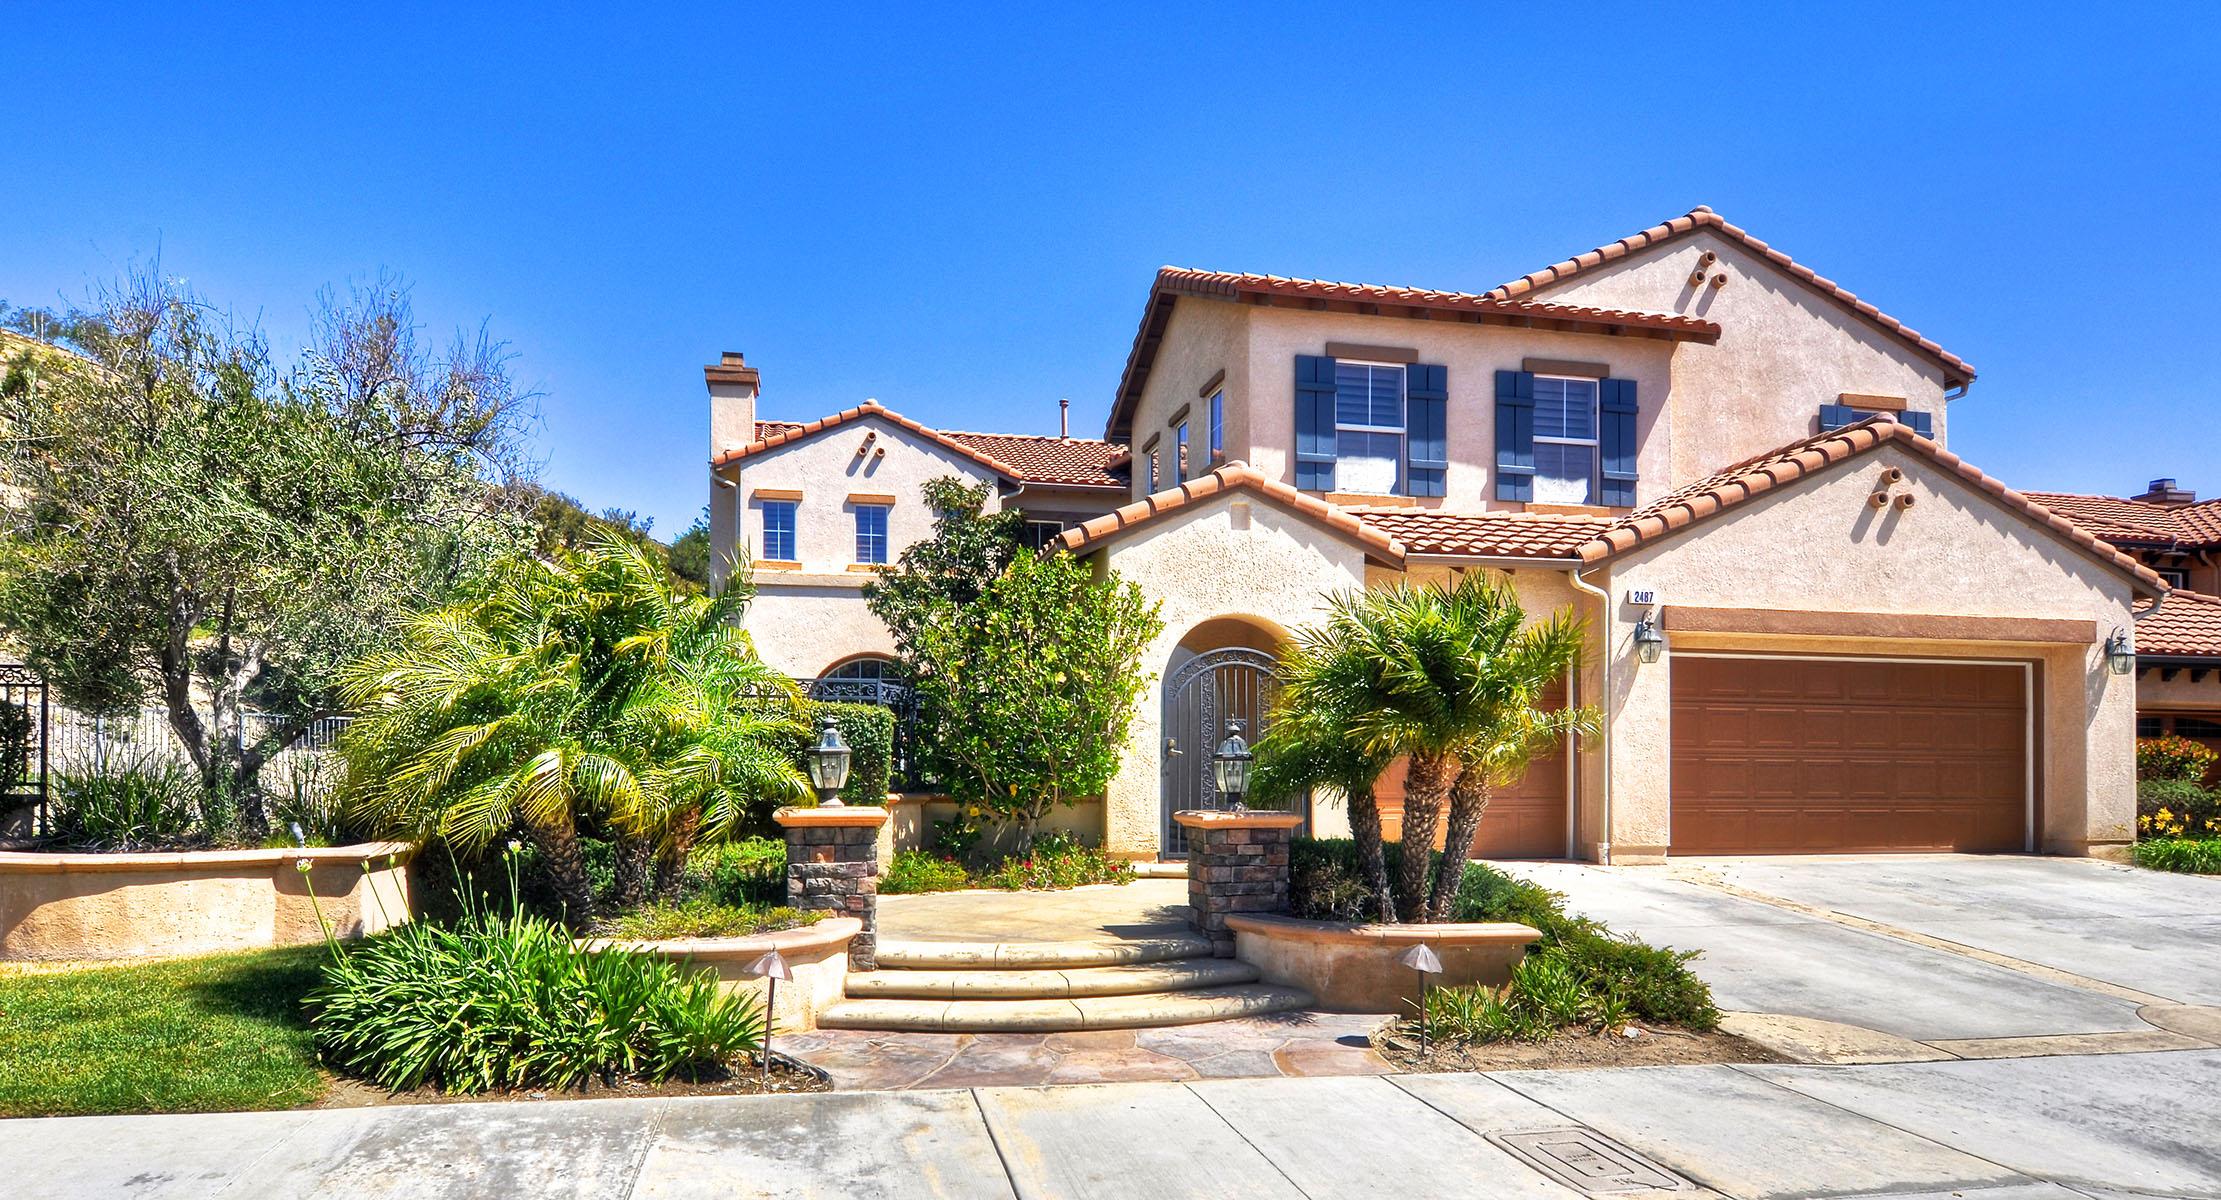 Casa Unifamiliar por un Venta en 2487 N Eaton Ct Orange, California 92867 Estados Unidos